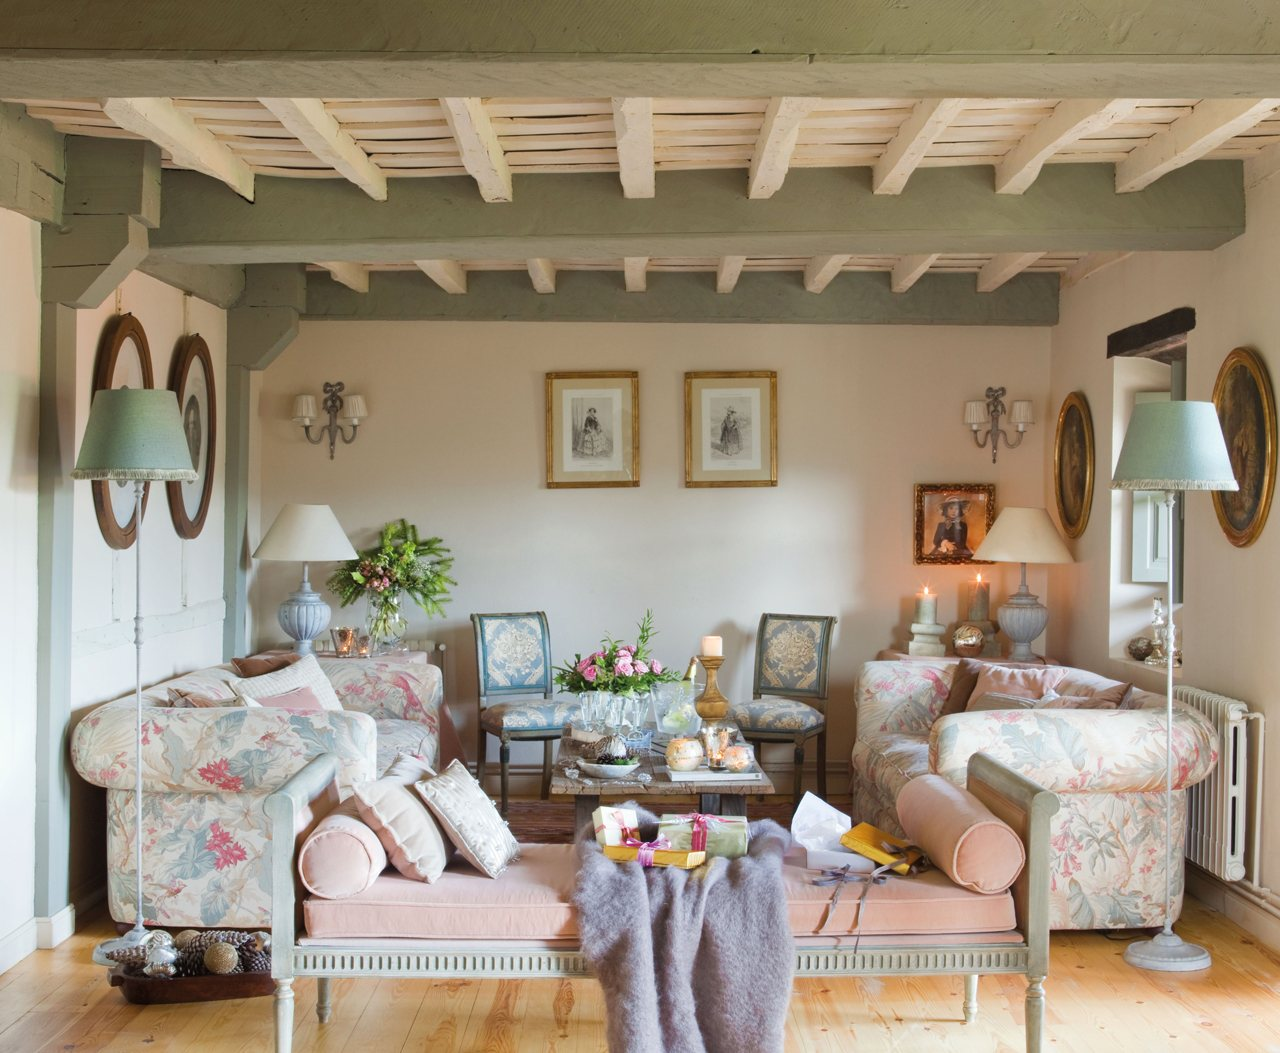 La decoraci n de una fiesta de fin de a o en una casa de campo - Casa y campo decoracion ...